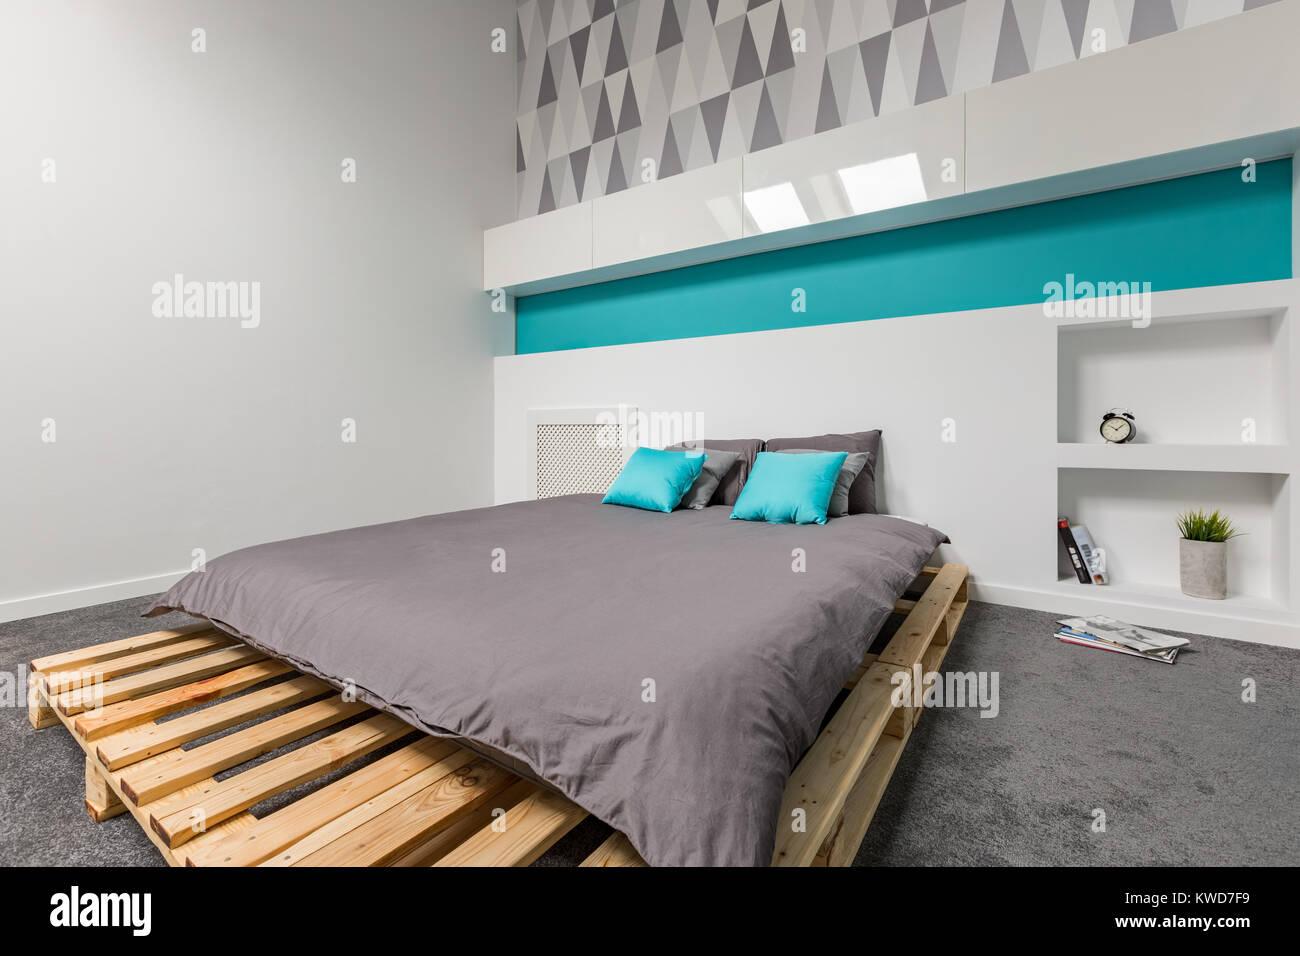 Letto Di Pallets : Semplice e moderna camera da letto con letto di pallet e carta da